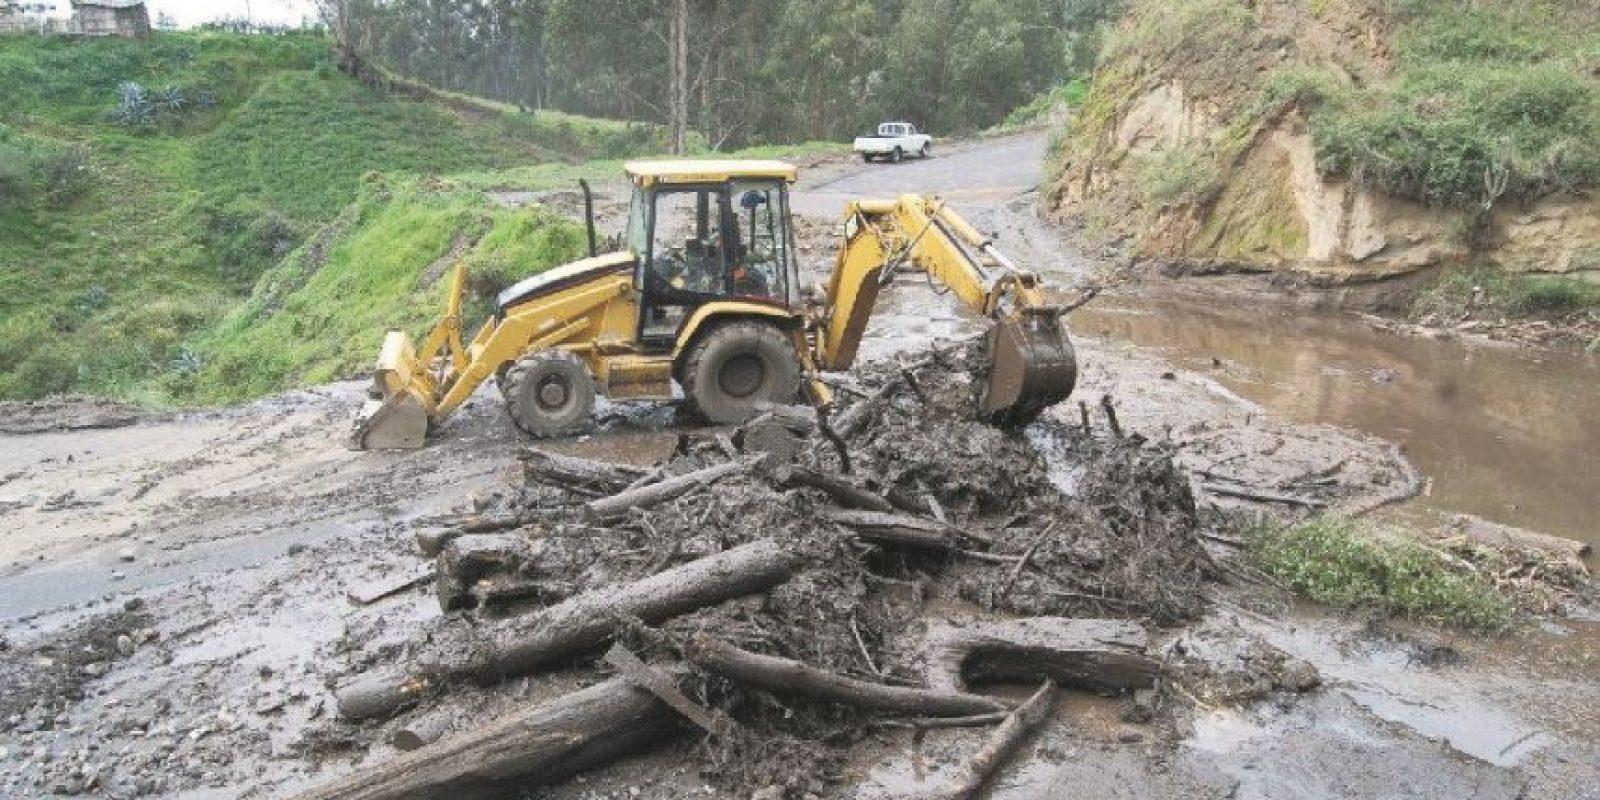 Los desastres se dan en la combinación de eventos naturales, características del suelo y actividades humanas. Foto:Fuente externa